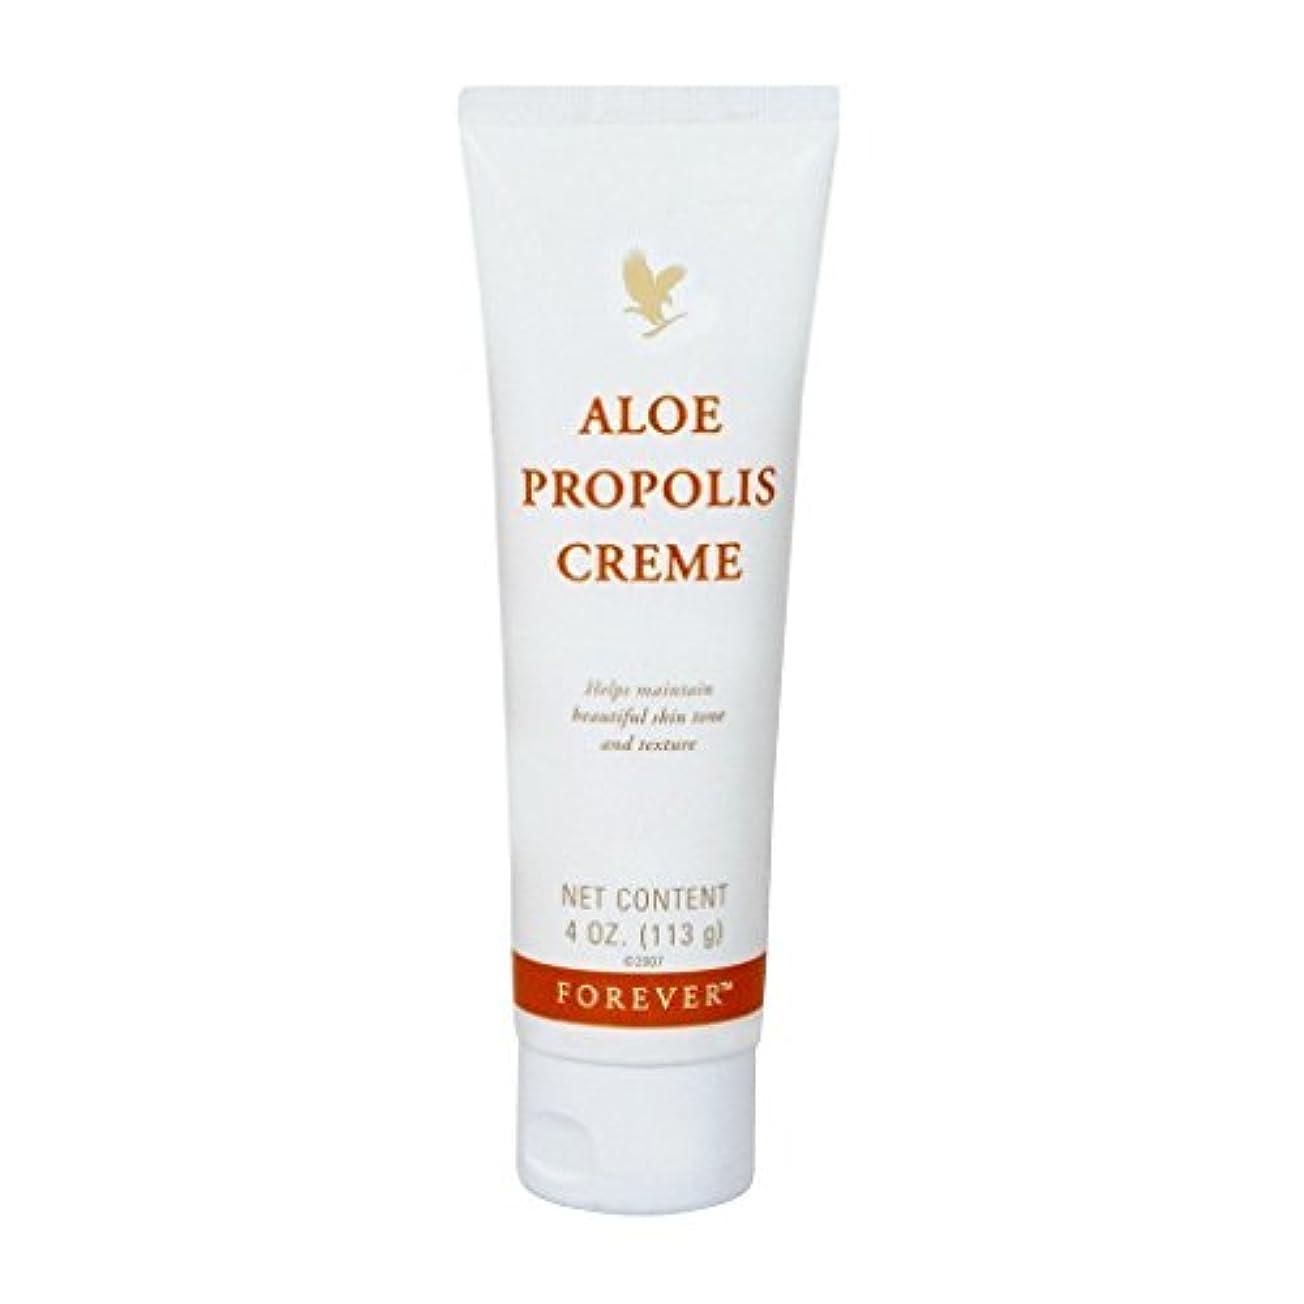 Aloe Propolis Creme 113g